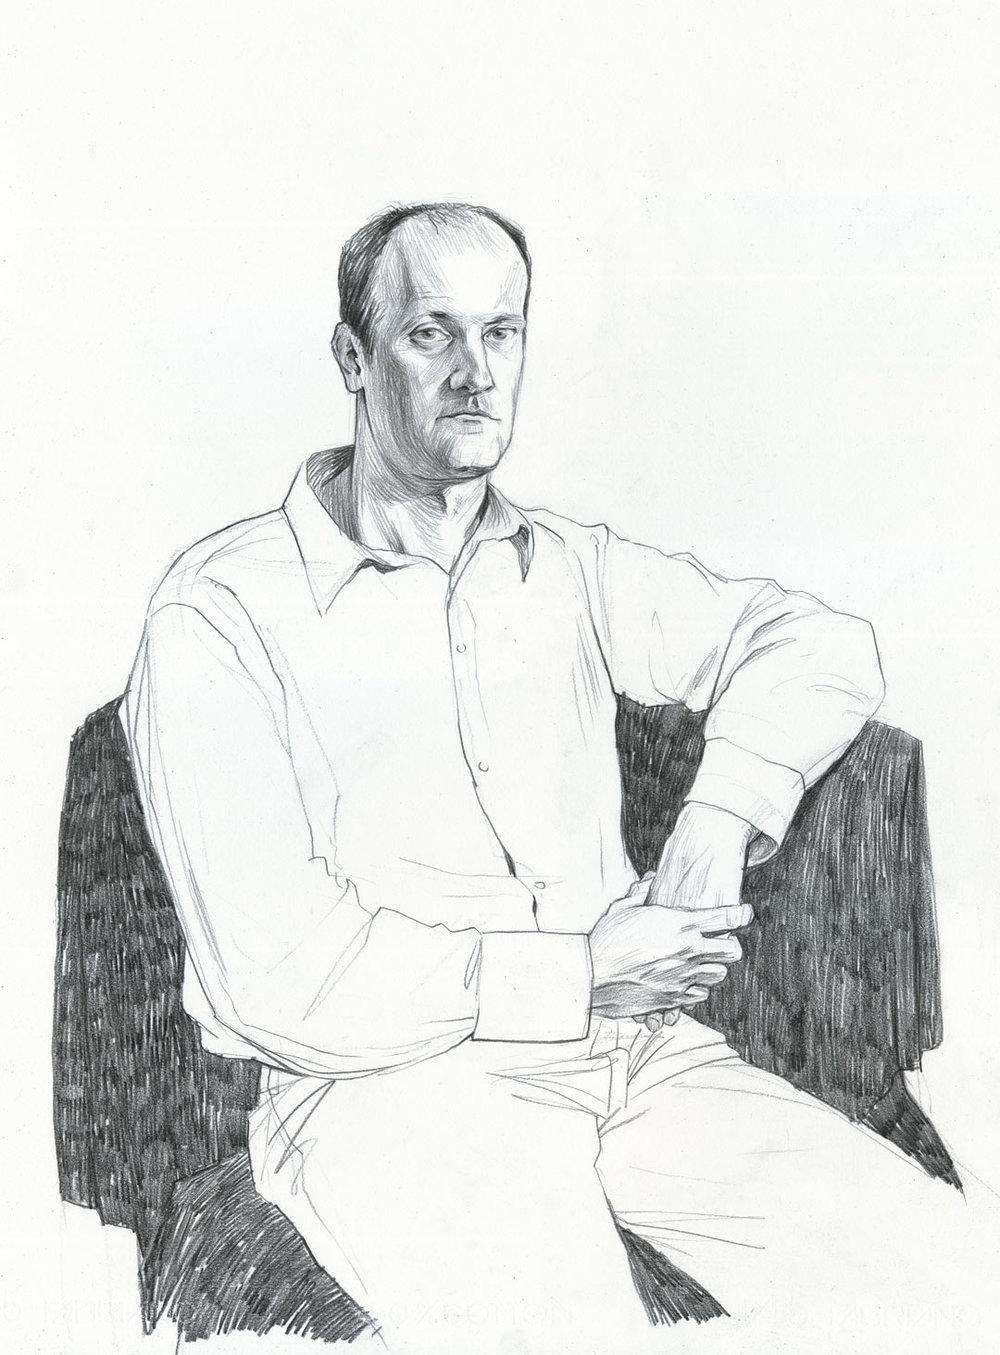 Portrait of P___ R___  Carbon Pencil on Paper